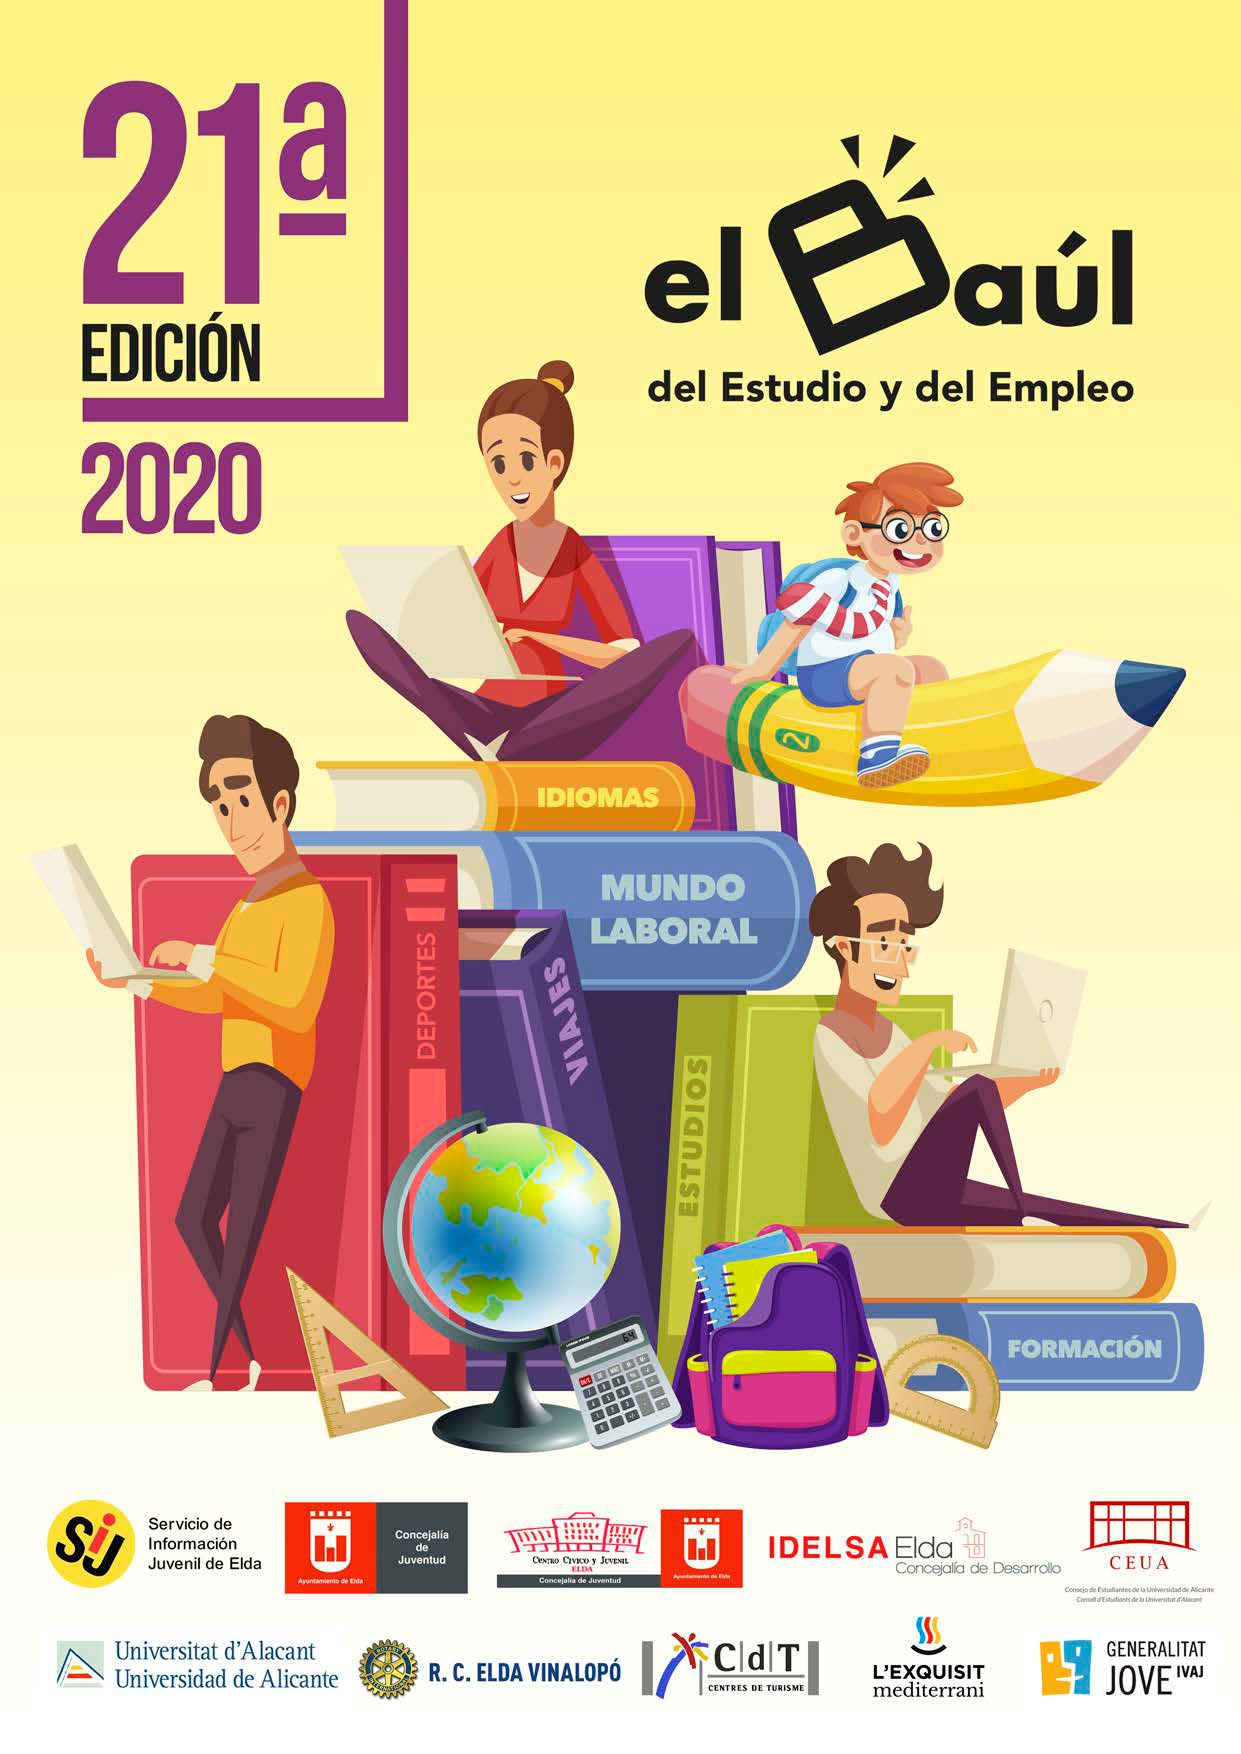 La Concejalía de Juventud lanza la versión digital de la Guía del Baúl del Estudio y del Empleo